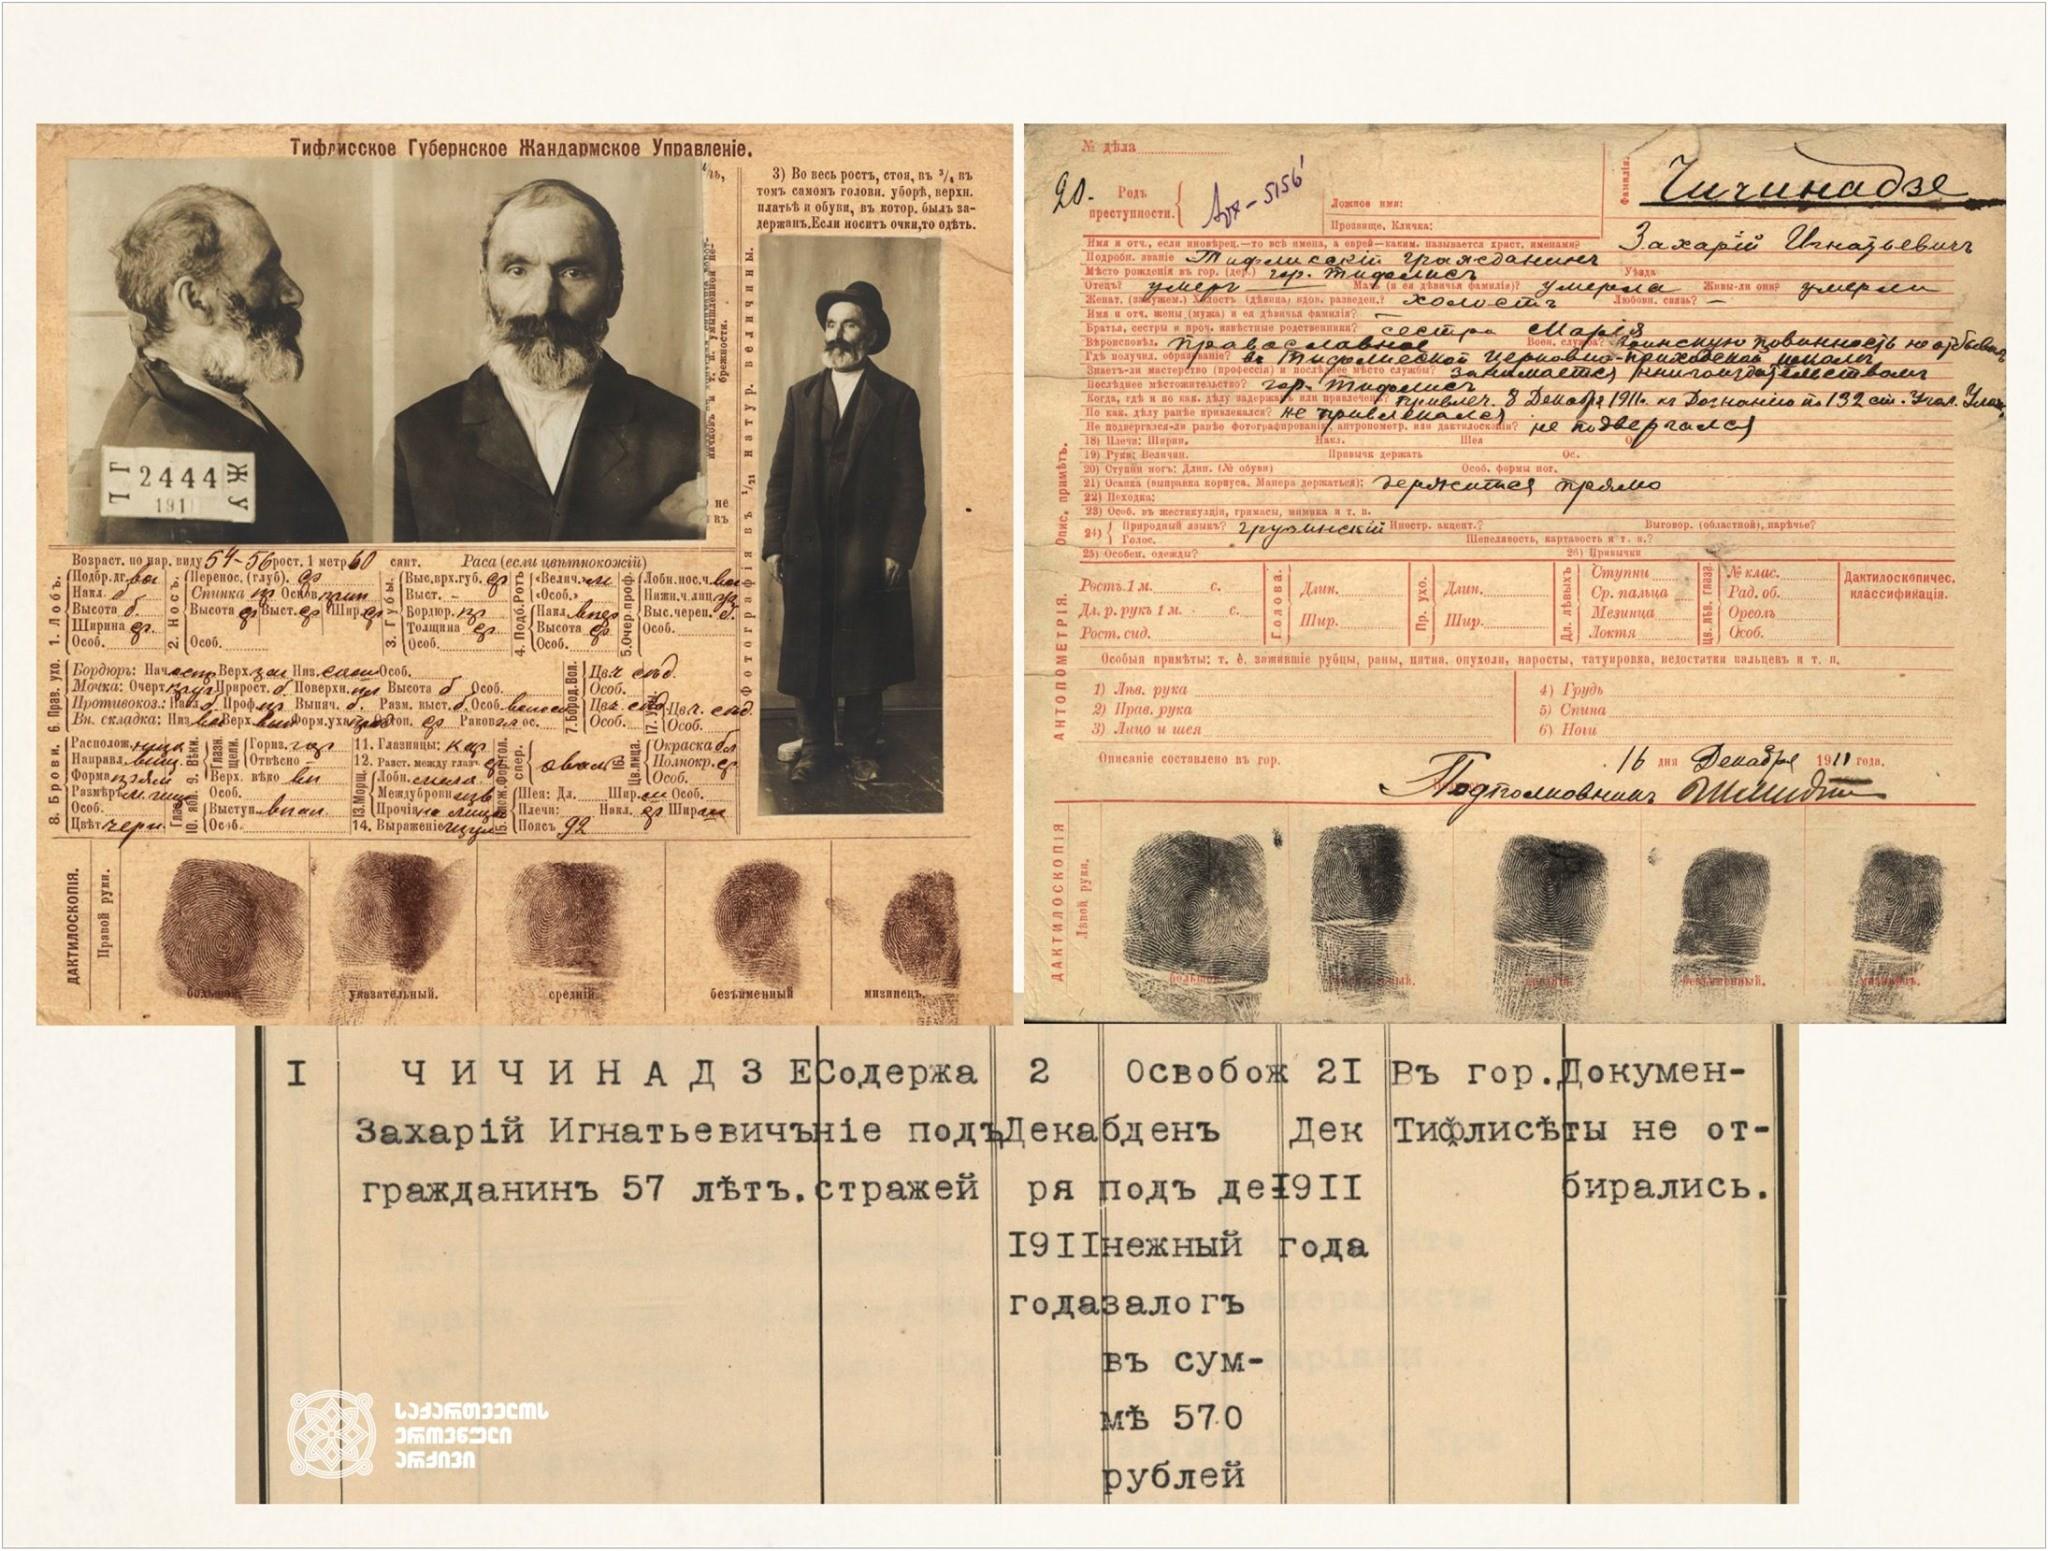 ზაქარია ჭიჭინაძე – საზოგადო მოღვაწე, გამომცემელი ბარათის მიხედვით დააკავეს 1911 წლის 2 დეკემბერს. სხვა საარქივო დოკუმენტების მიხედვით კი – ზაქარია ჭიჭინაძე ამავე წლის 21 დეკემბერს გირაოთი (57 რუბლი) გაათავისუფლეს. <br> Zakaria Chichinadze - Public figure, publisher According to the card, he was arrested on December 2, 1911. According to other archival documents, Zakaria Chichinadze was released on bail (57 rubles) on December 21 of the same year.